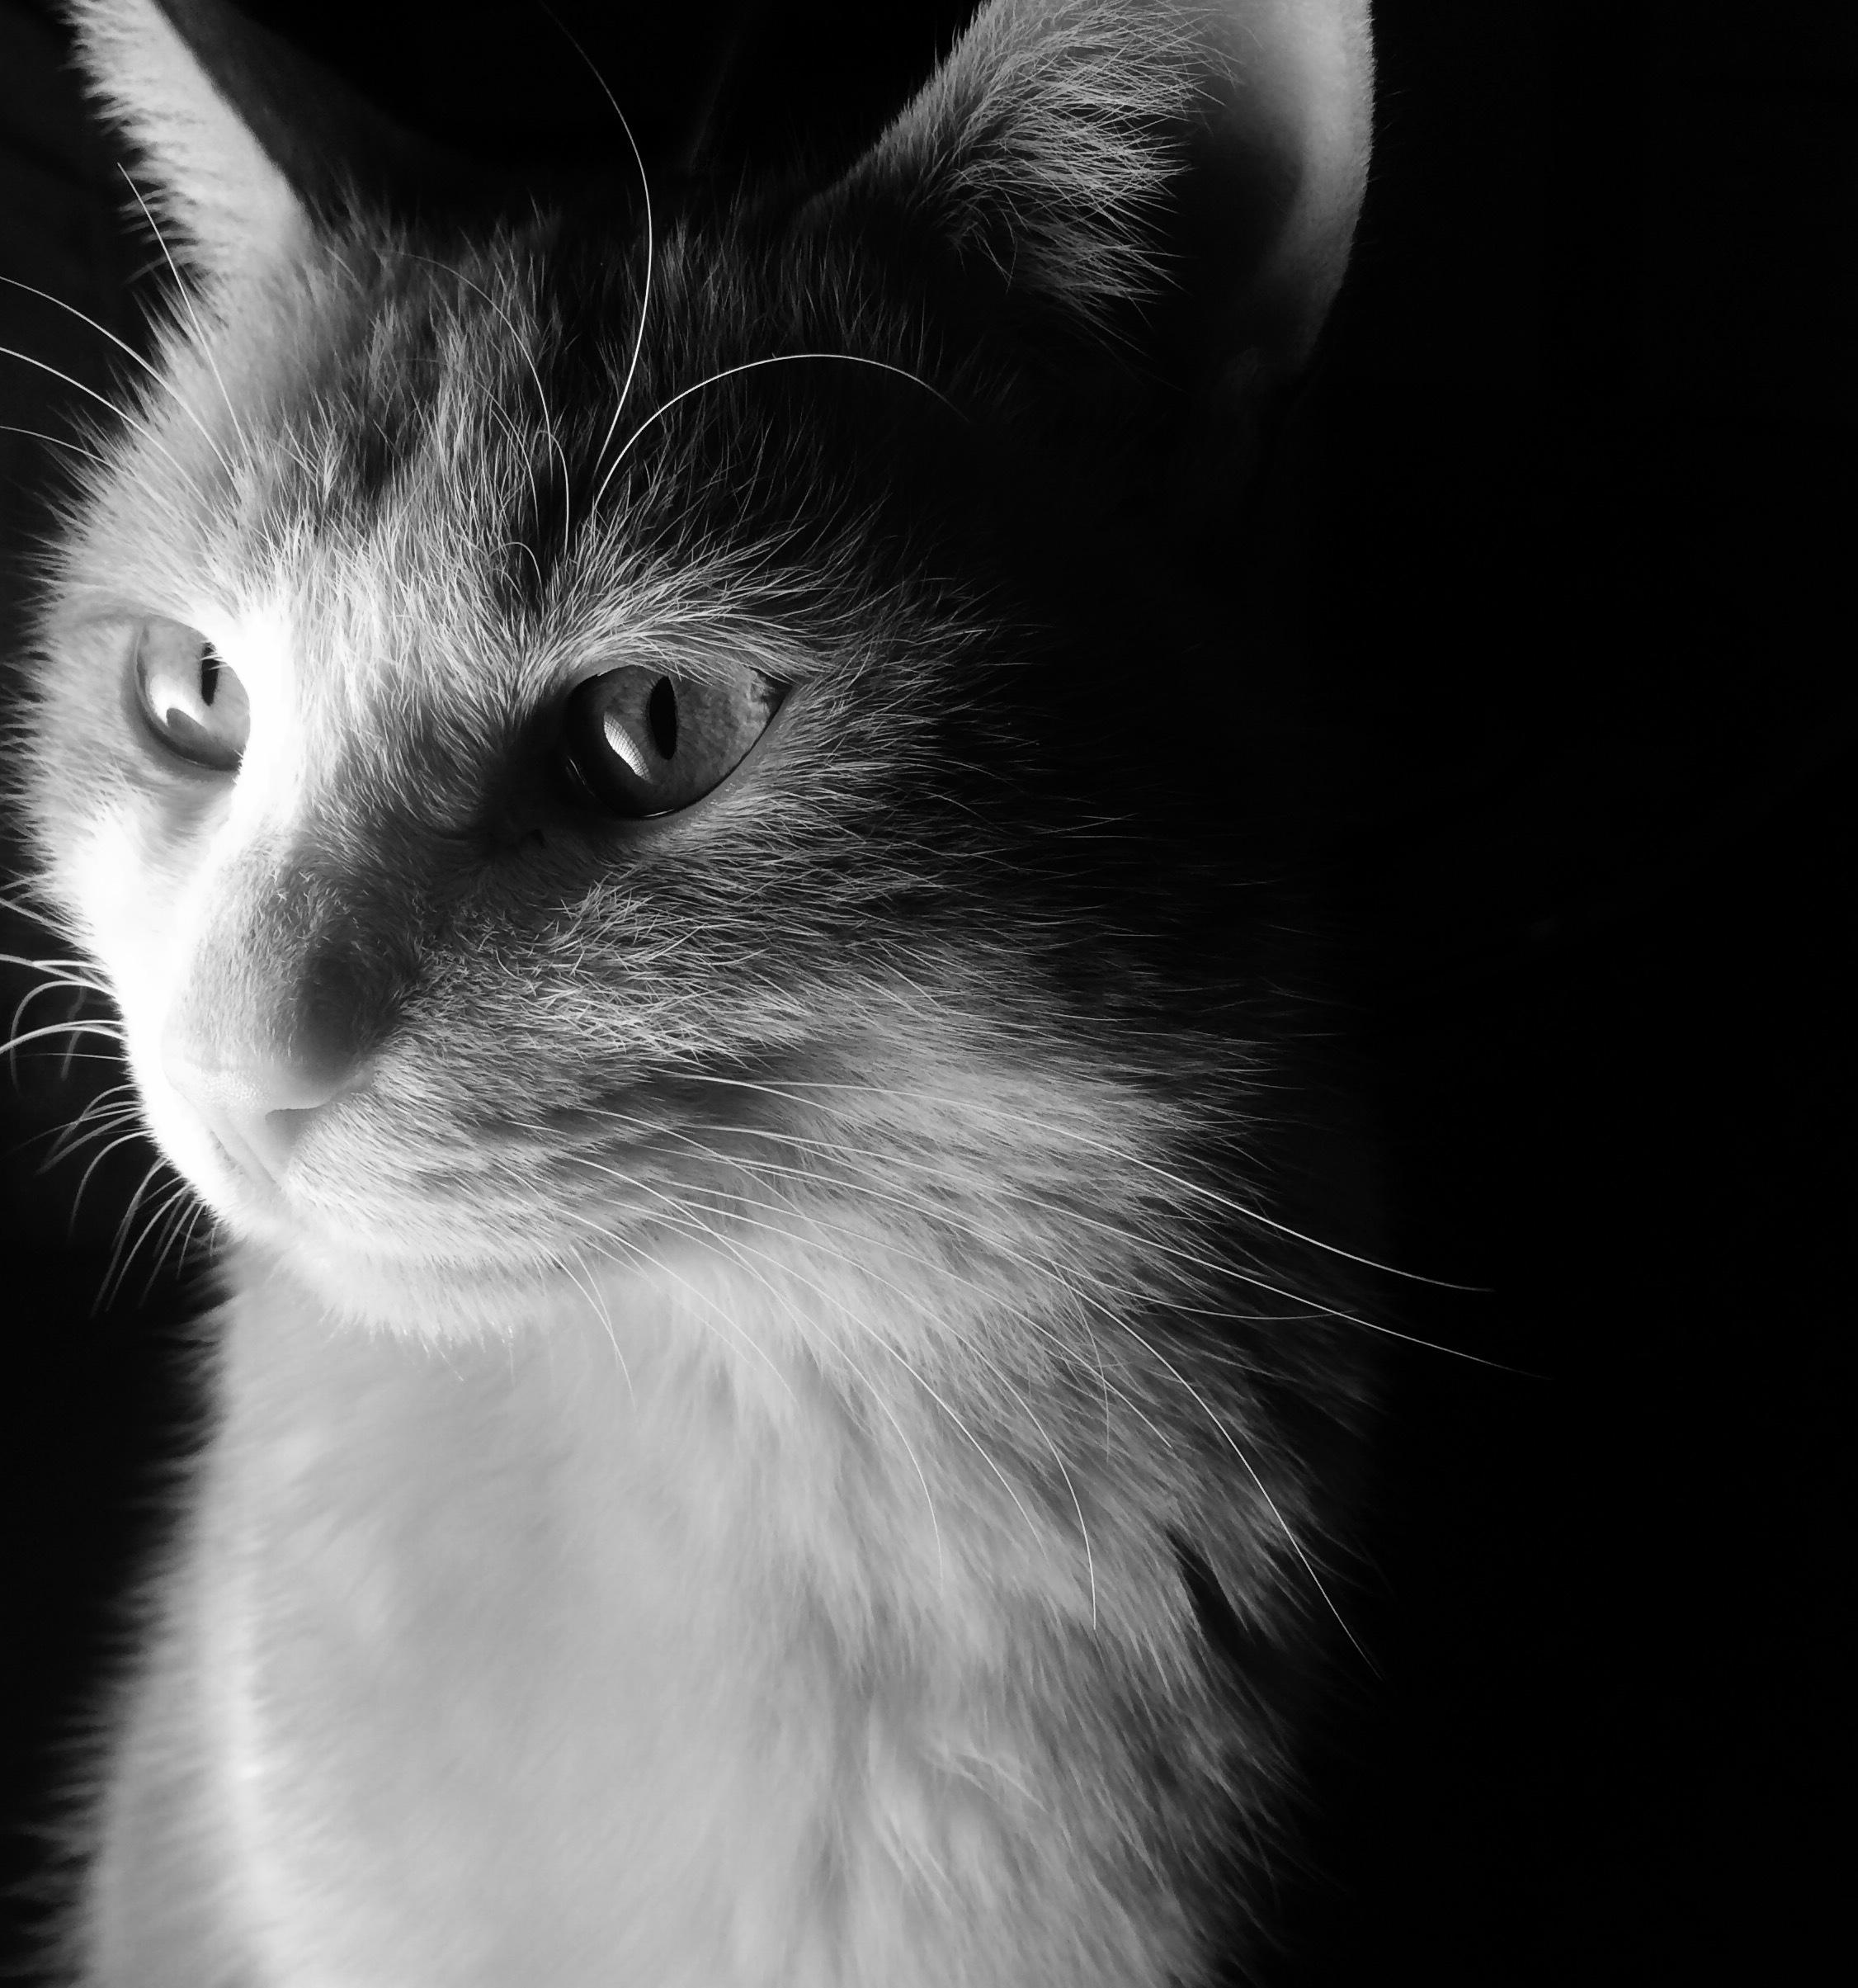 喵肖像|摄影|动物|夜半熊猫眼 - 原创作品 - 站酷